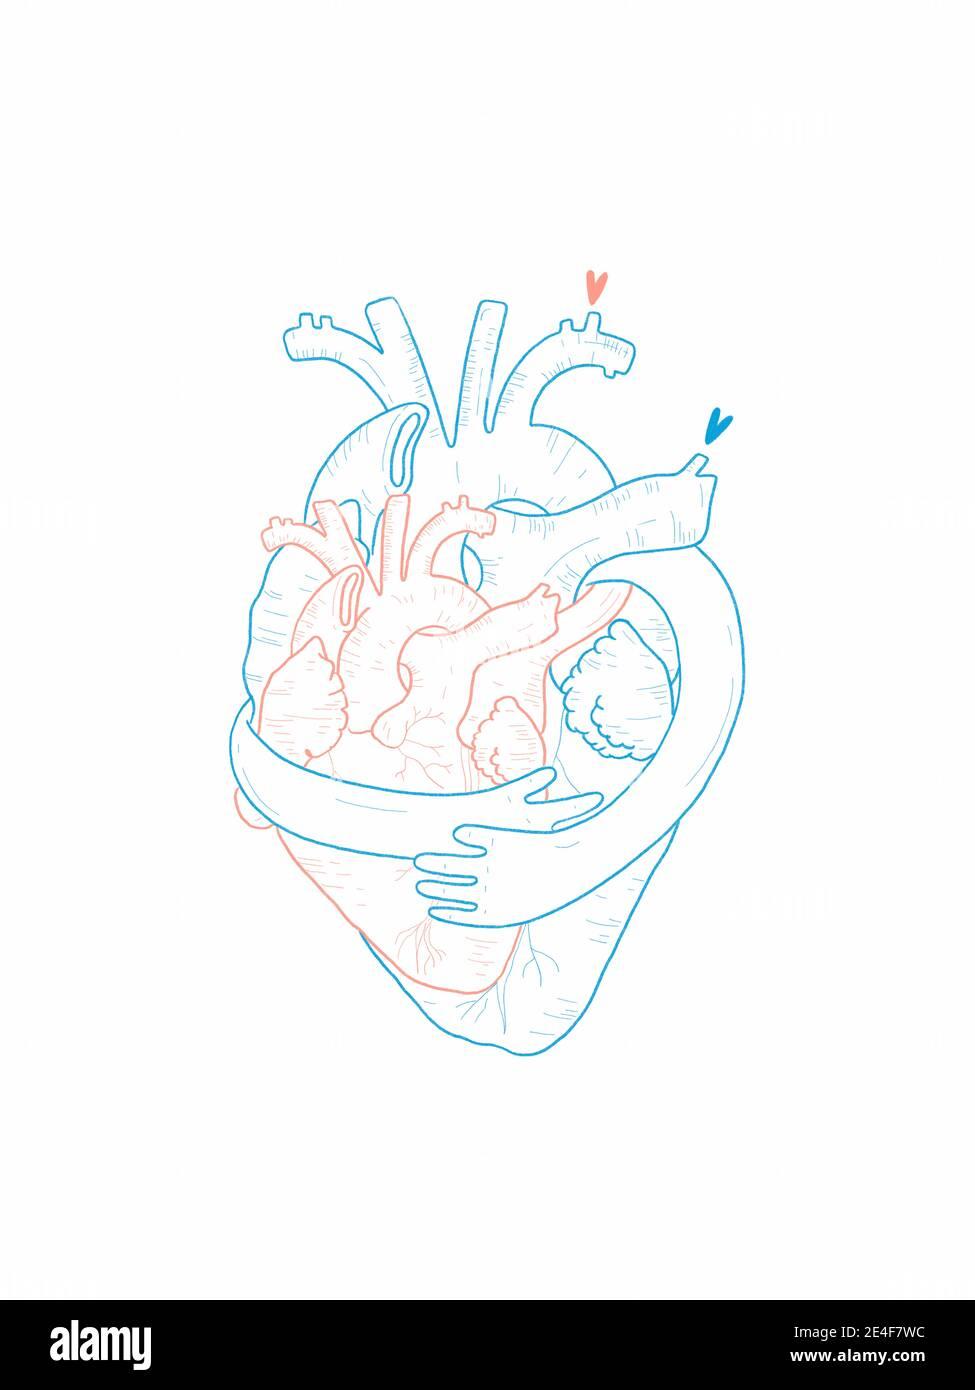 Dibujo a mano Ilustración de dos corazones abrazándose Foto de stock